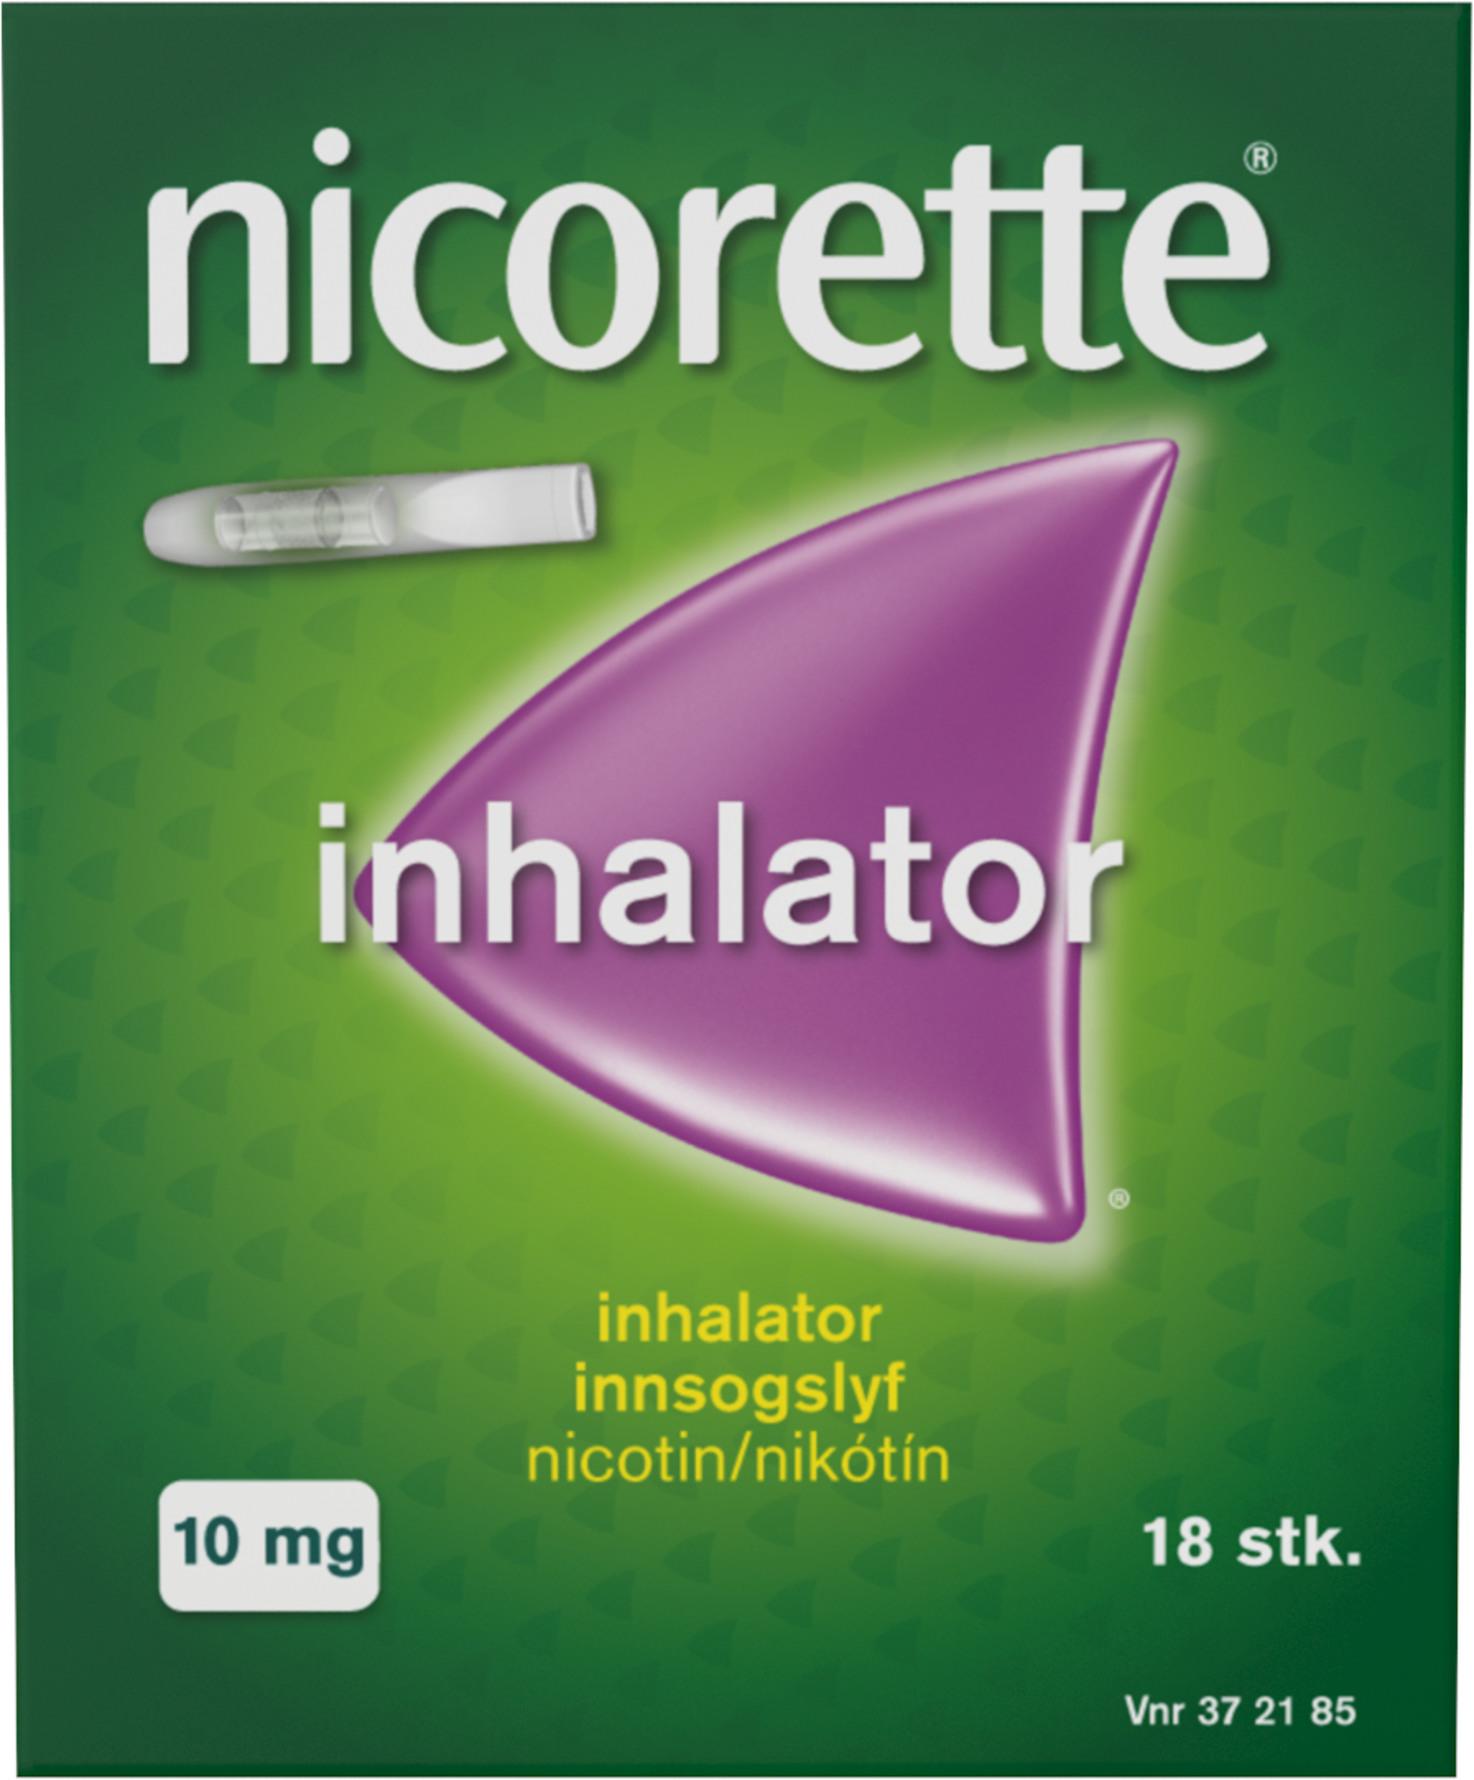 tilbud nicorette